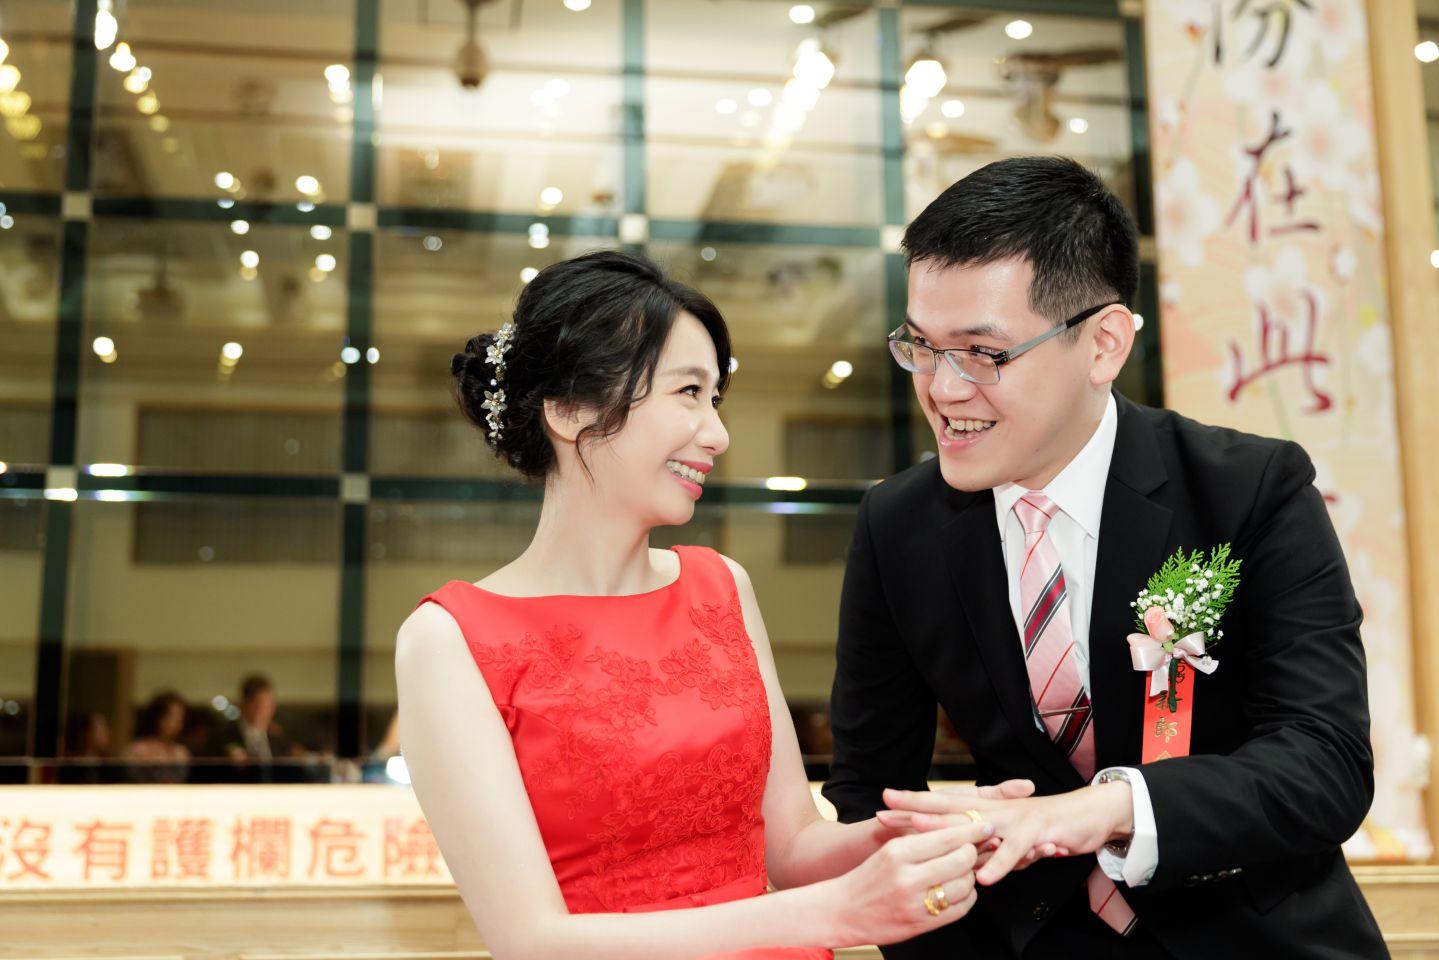 婚紗, 婚攝推薦, 高雄婚攝, 婚攝森森, 婚禮攝影, 緣圓婚攝